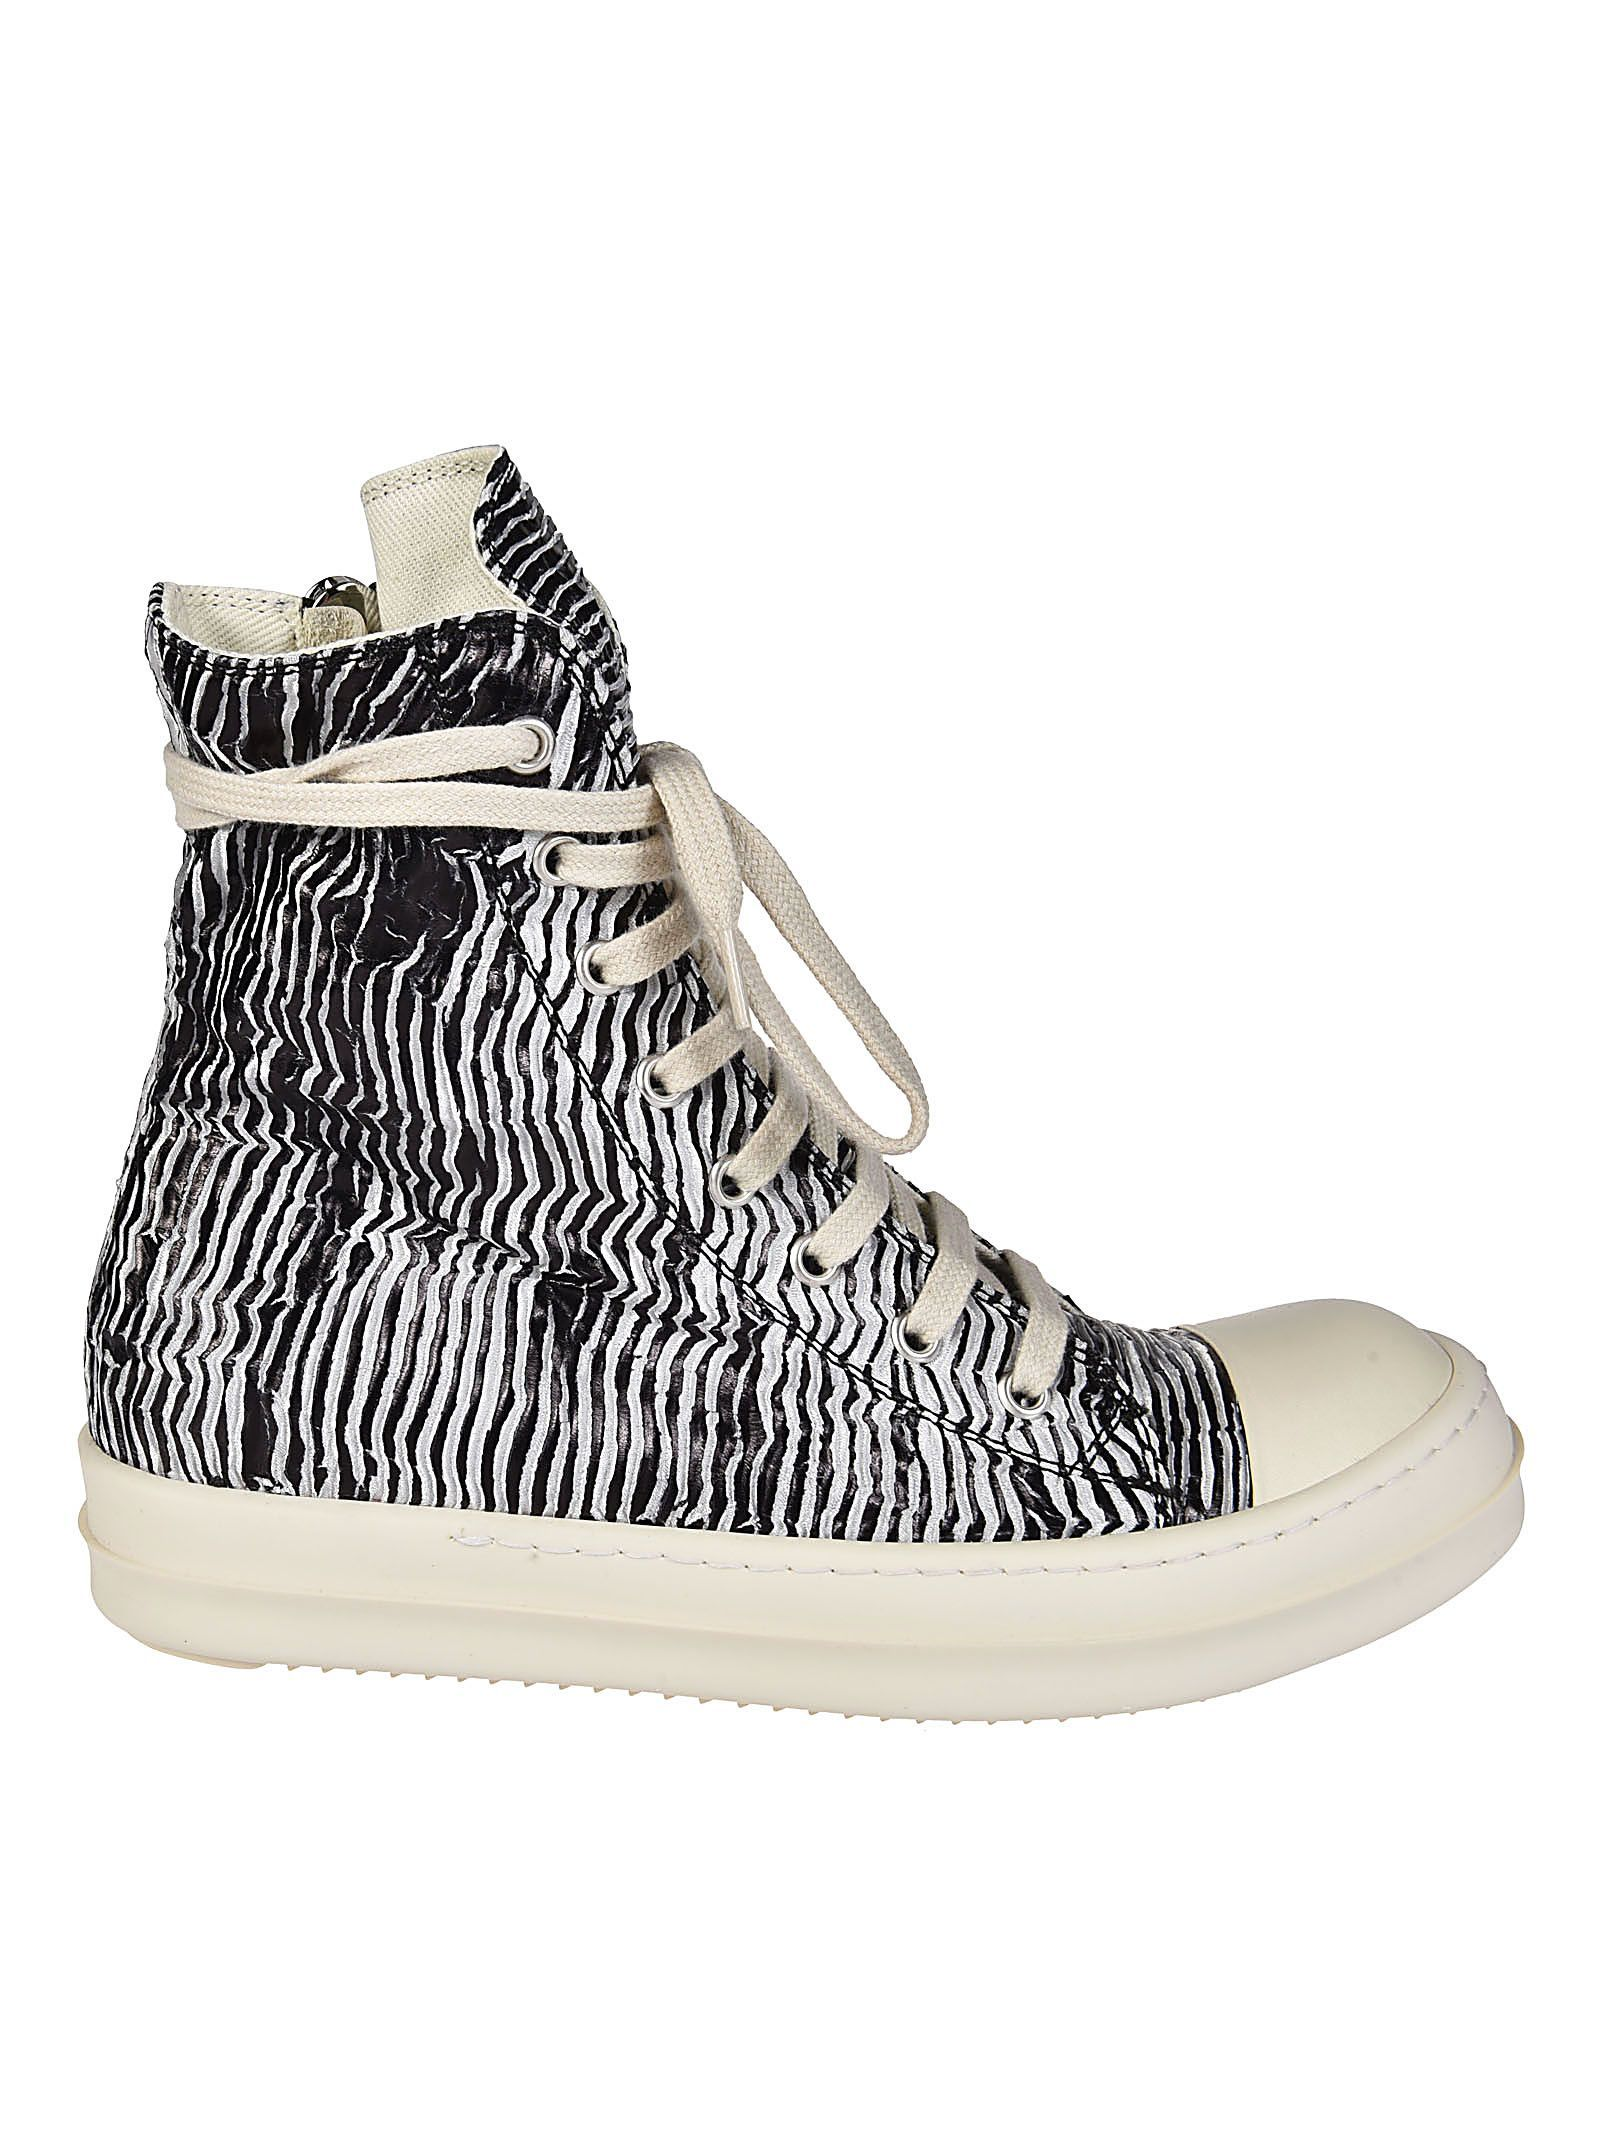 Rick Owens Metallic Zip Hi Top Sneakers Outlet Online Shop MNMGM